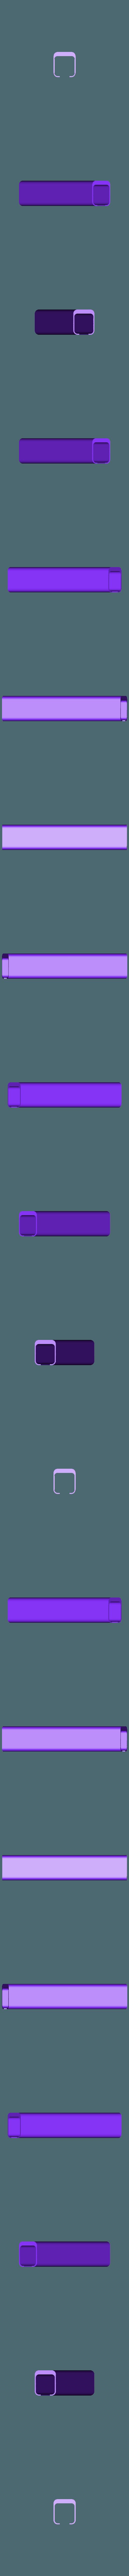 Magnetic_Tool_Holder_v1-0_8x.STL Télécharger fichier STL gratuit Porte-outil magnétique RigidBot • Objet à imprimer en 3D, WalterHsiao